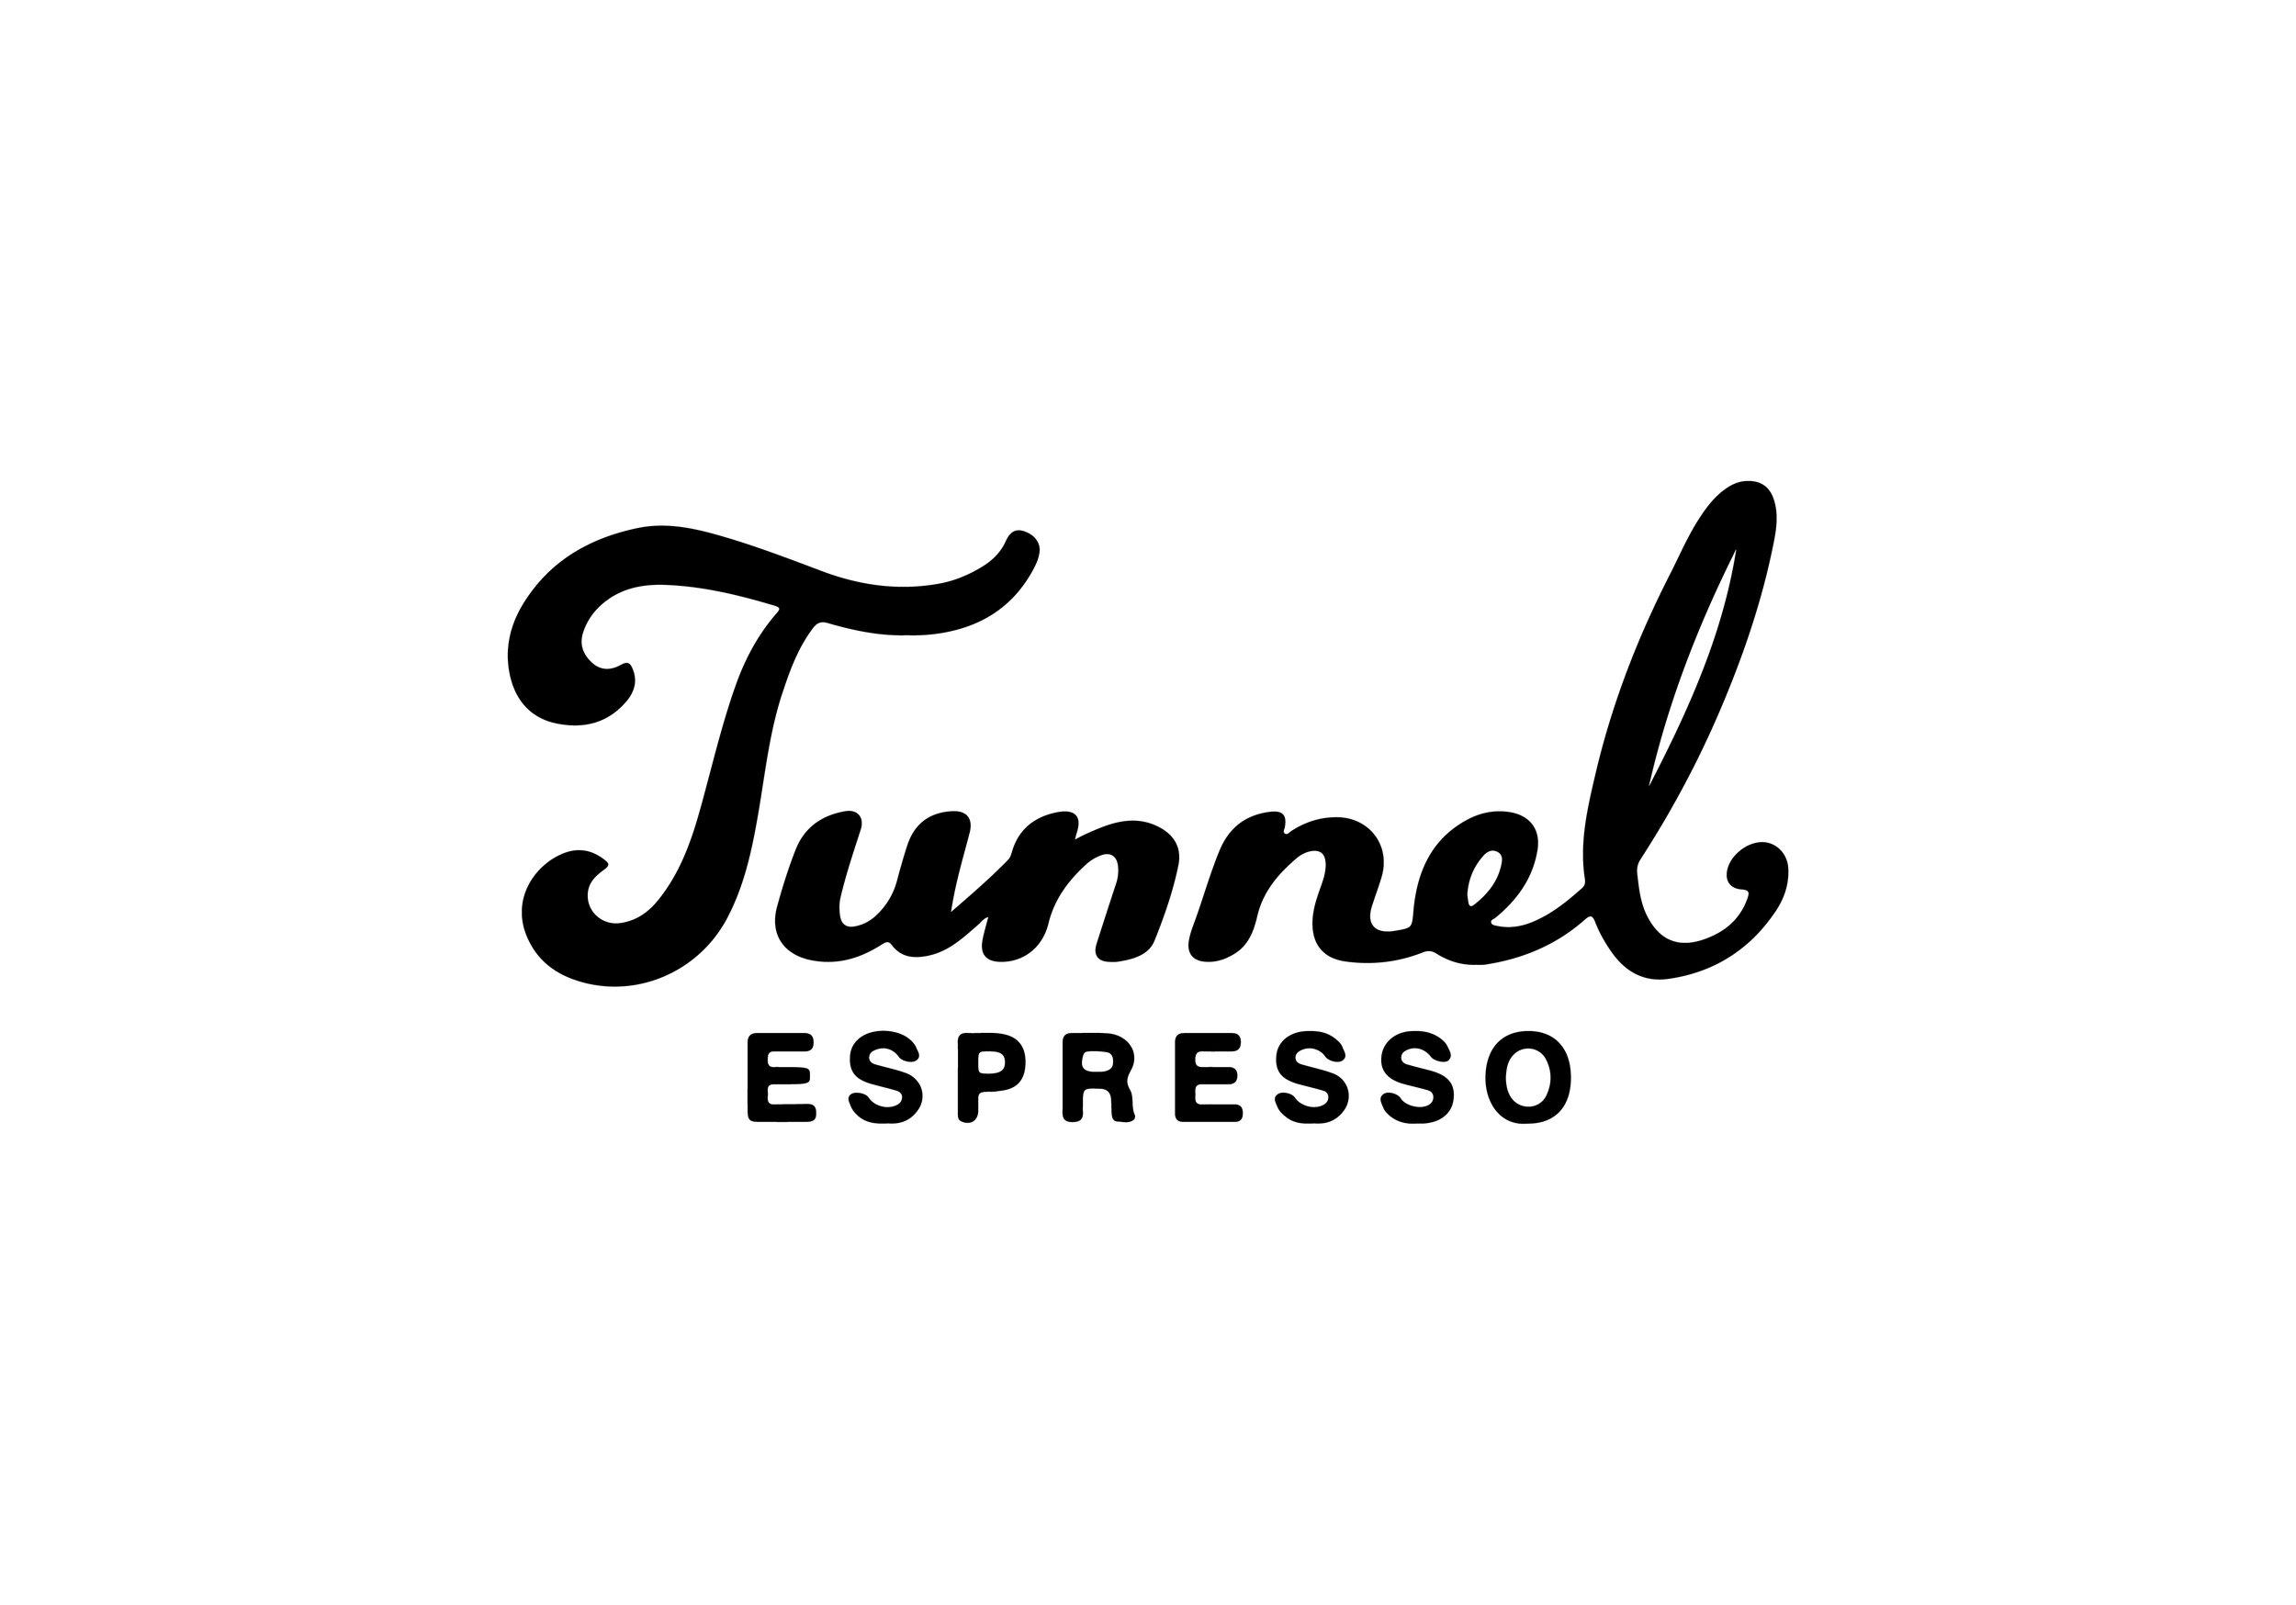 Tunnel Espresso logo